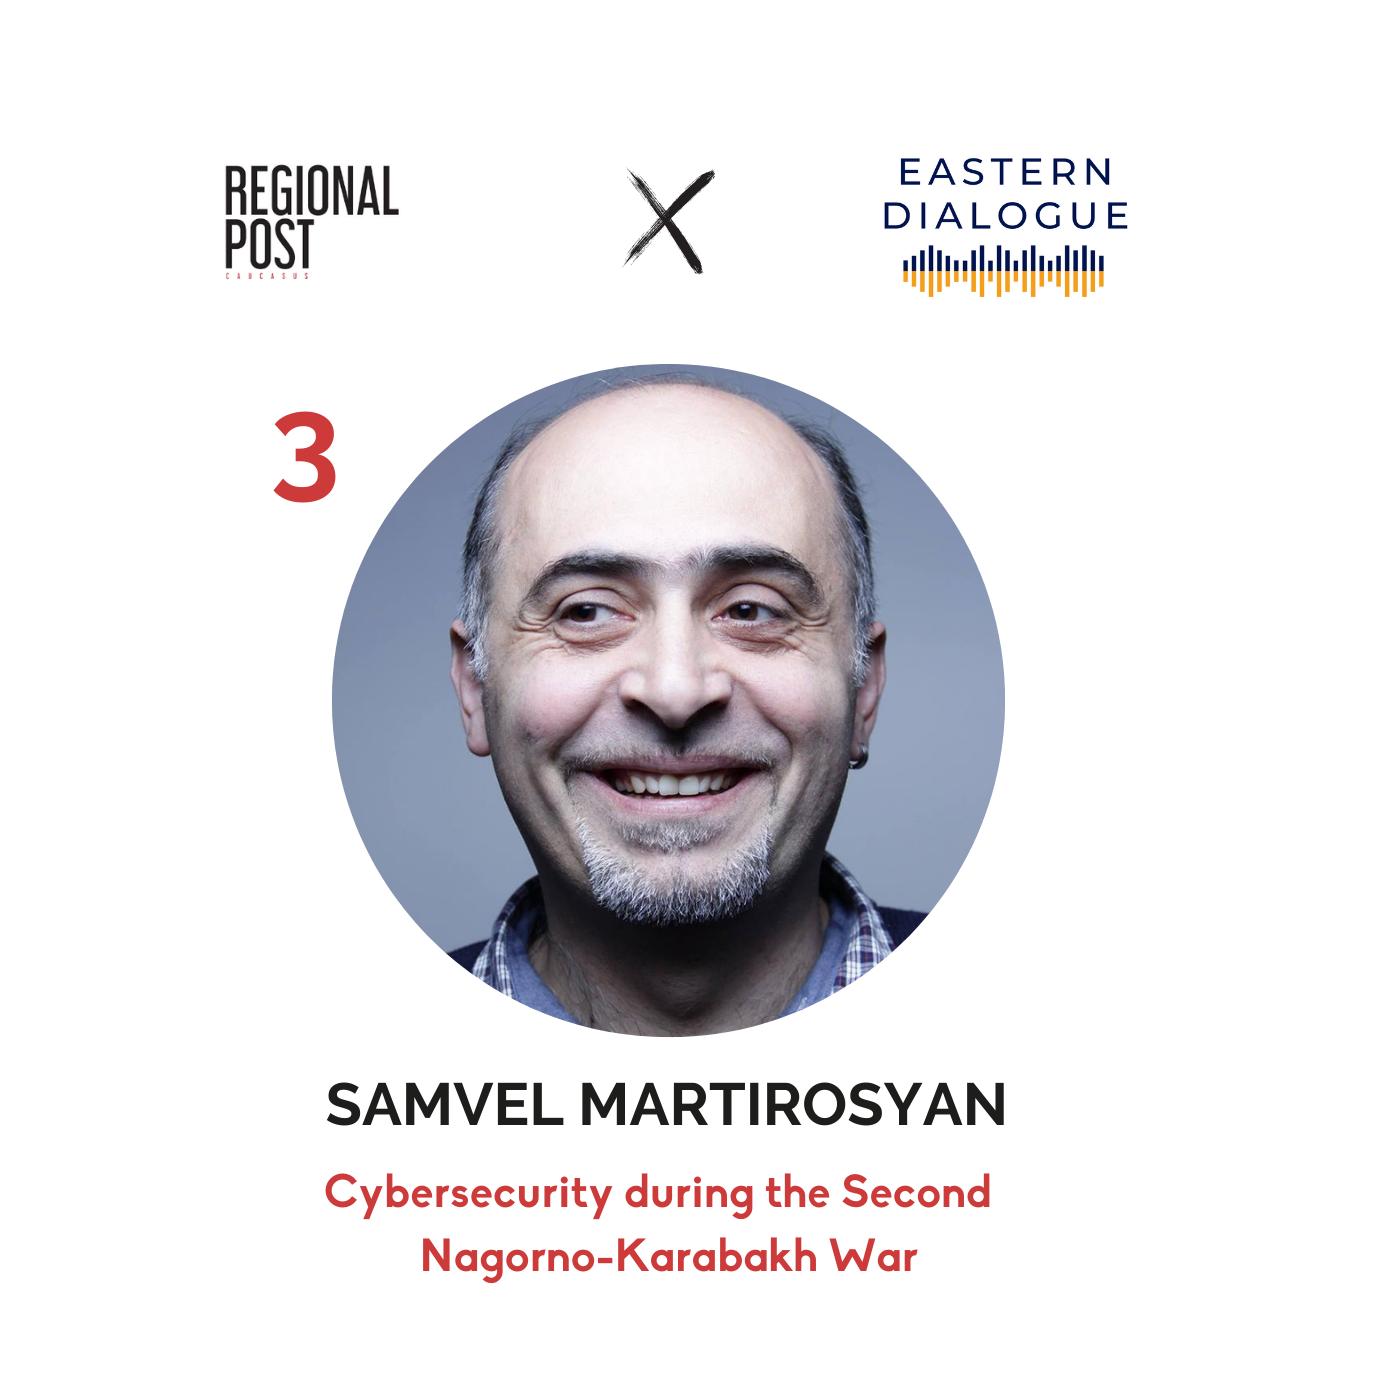 [հայերեն] Samvel Martirosyan - Cybersecurity during the Second Nagorno-Karabagh War